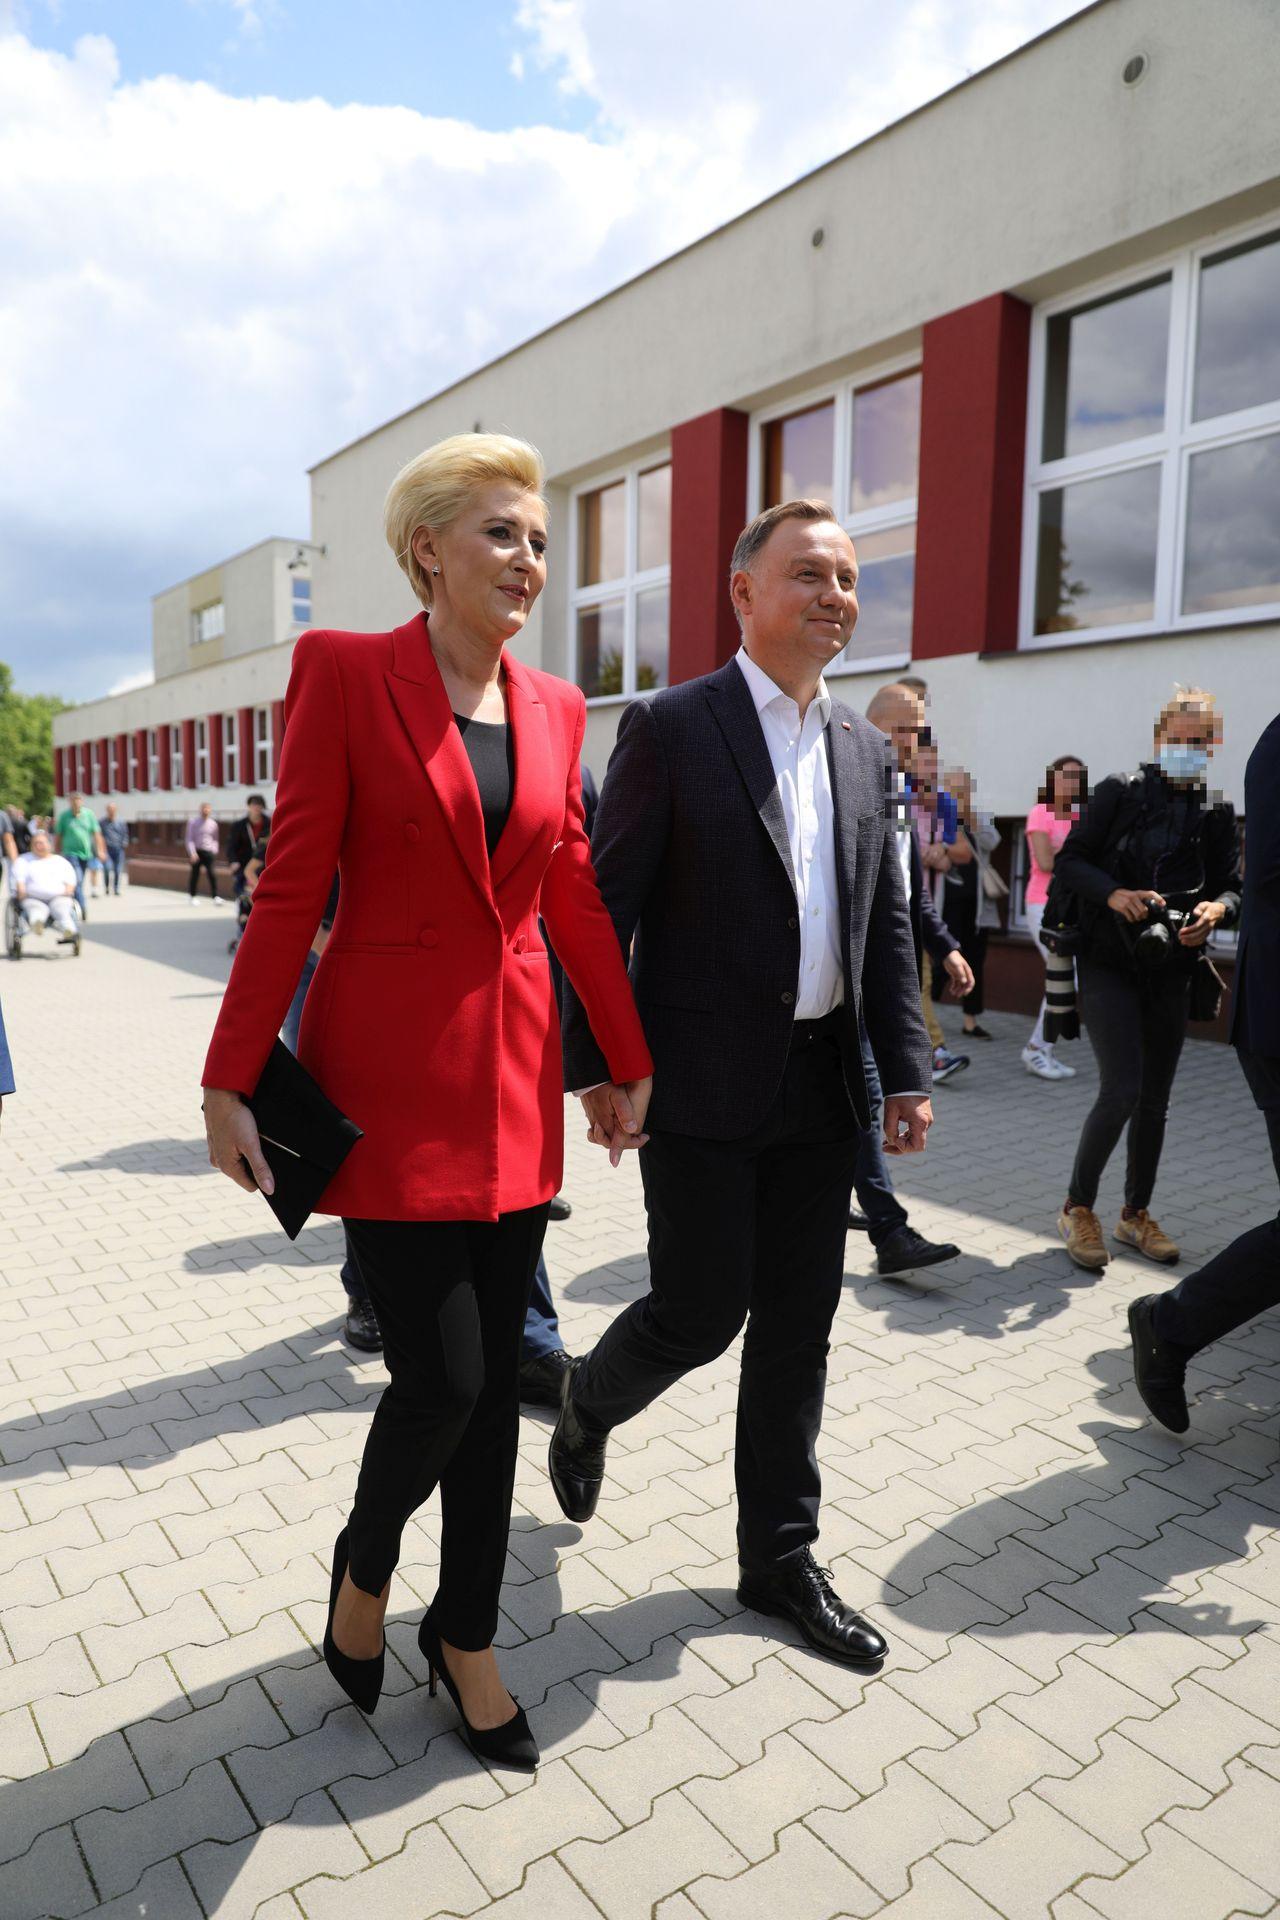 Agata i Andrzej Duda przed lokalem wyborczym